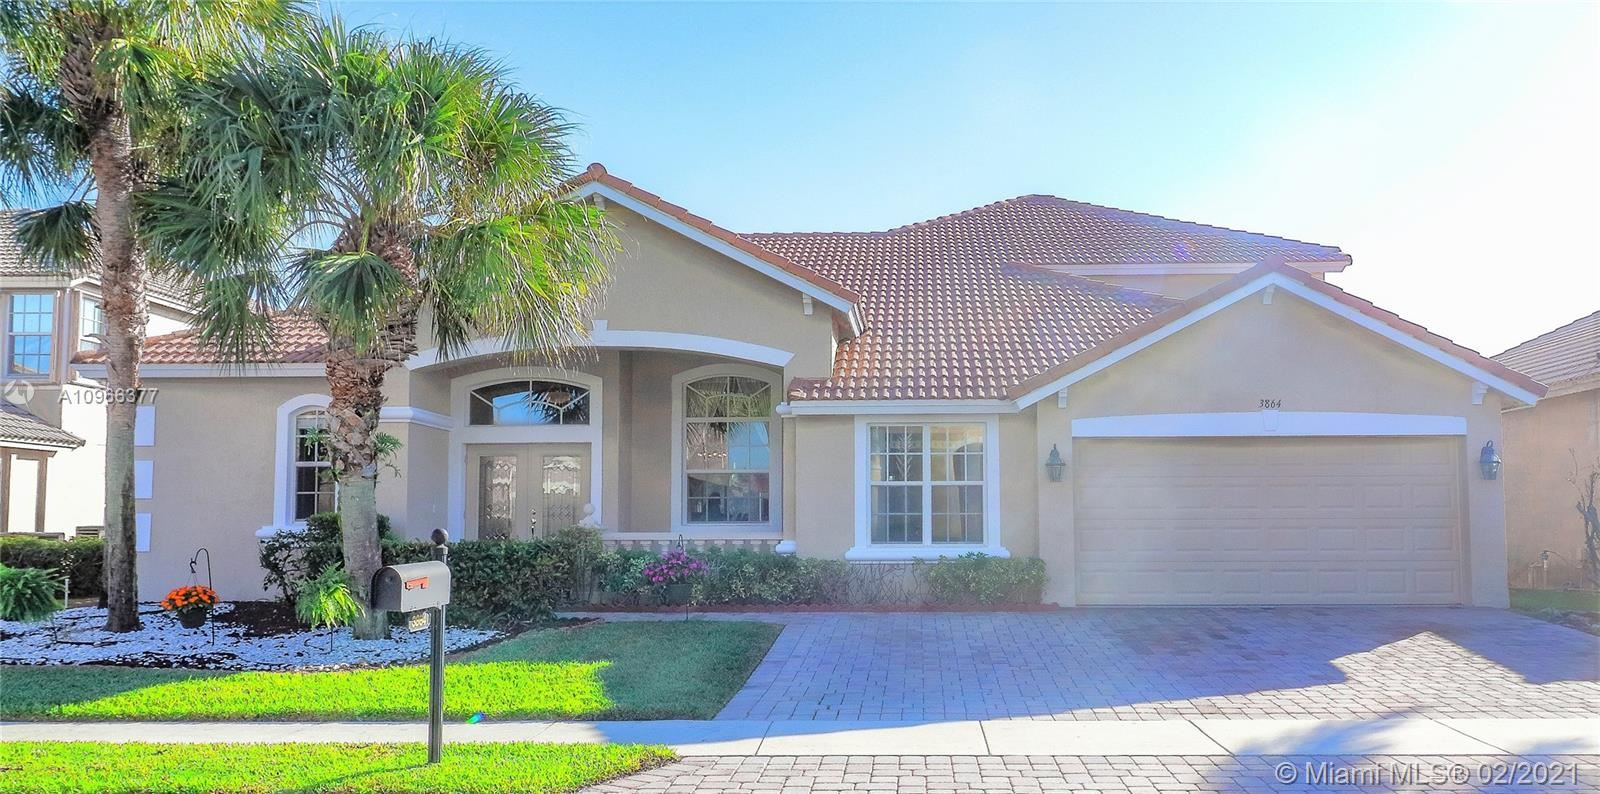 3864 Hamilton Ky, West Palm Beach, FL 33411 - #: A10966377